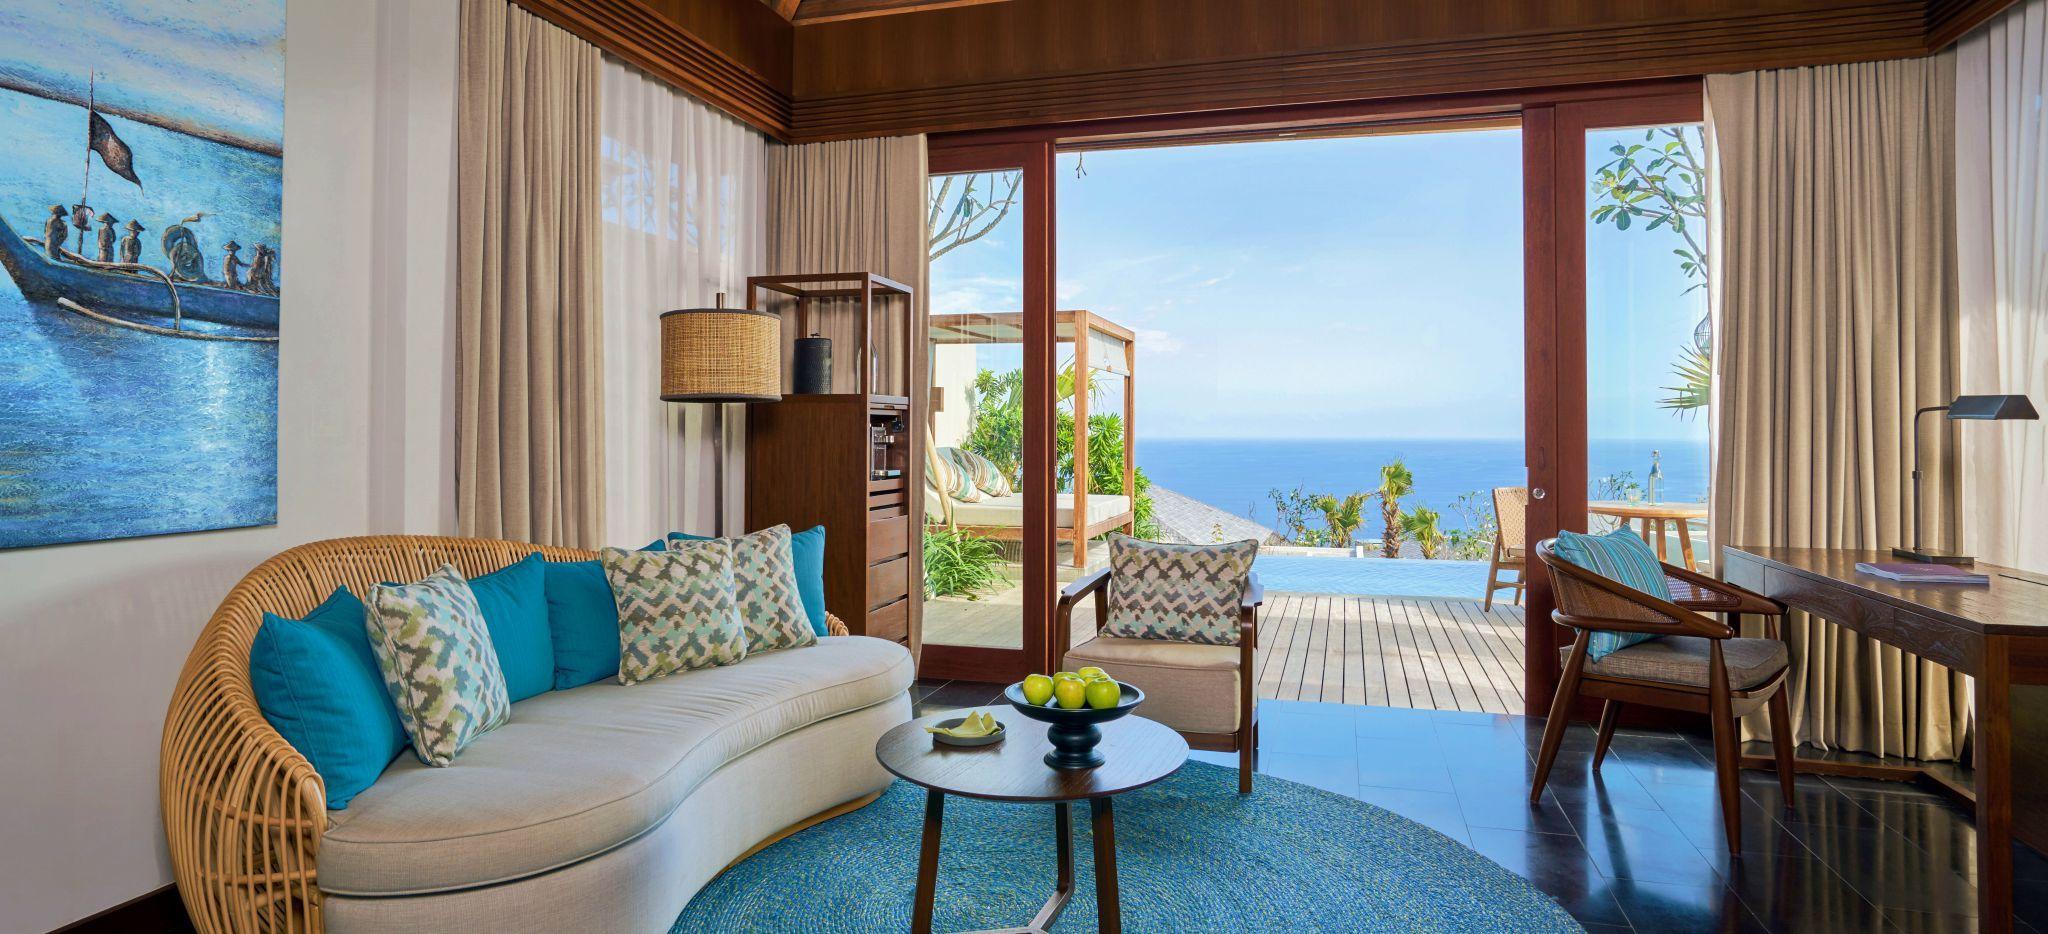 Wohnliches Wohnzimmer des Hotelzimmer One Bedroom Cliff Villa im Hotel Six Senses Uluwatu auf Bali